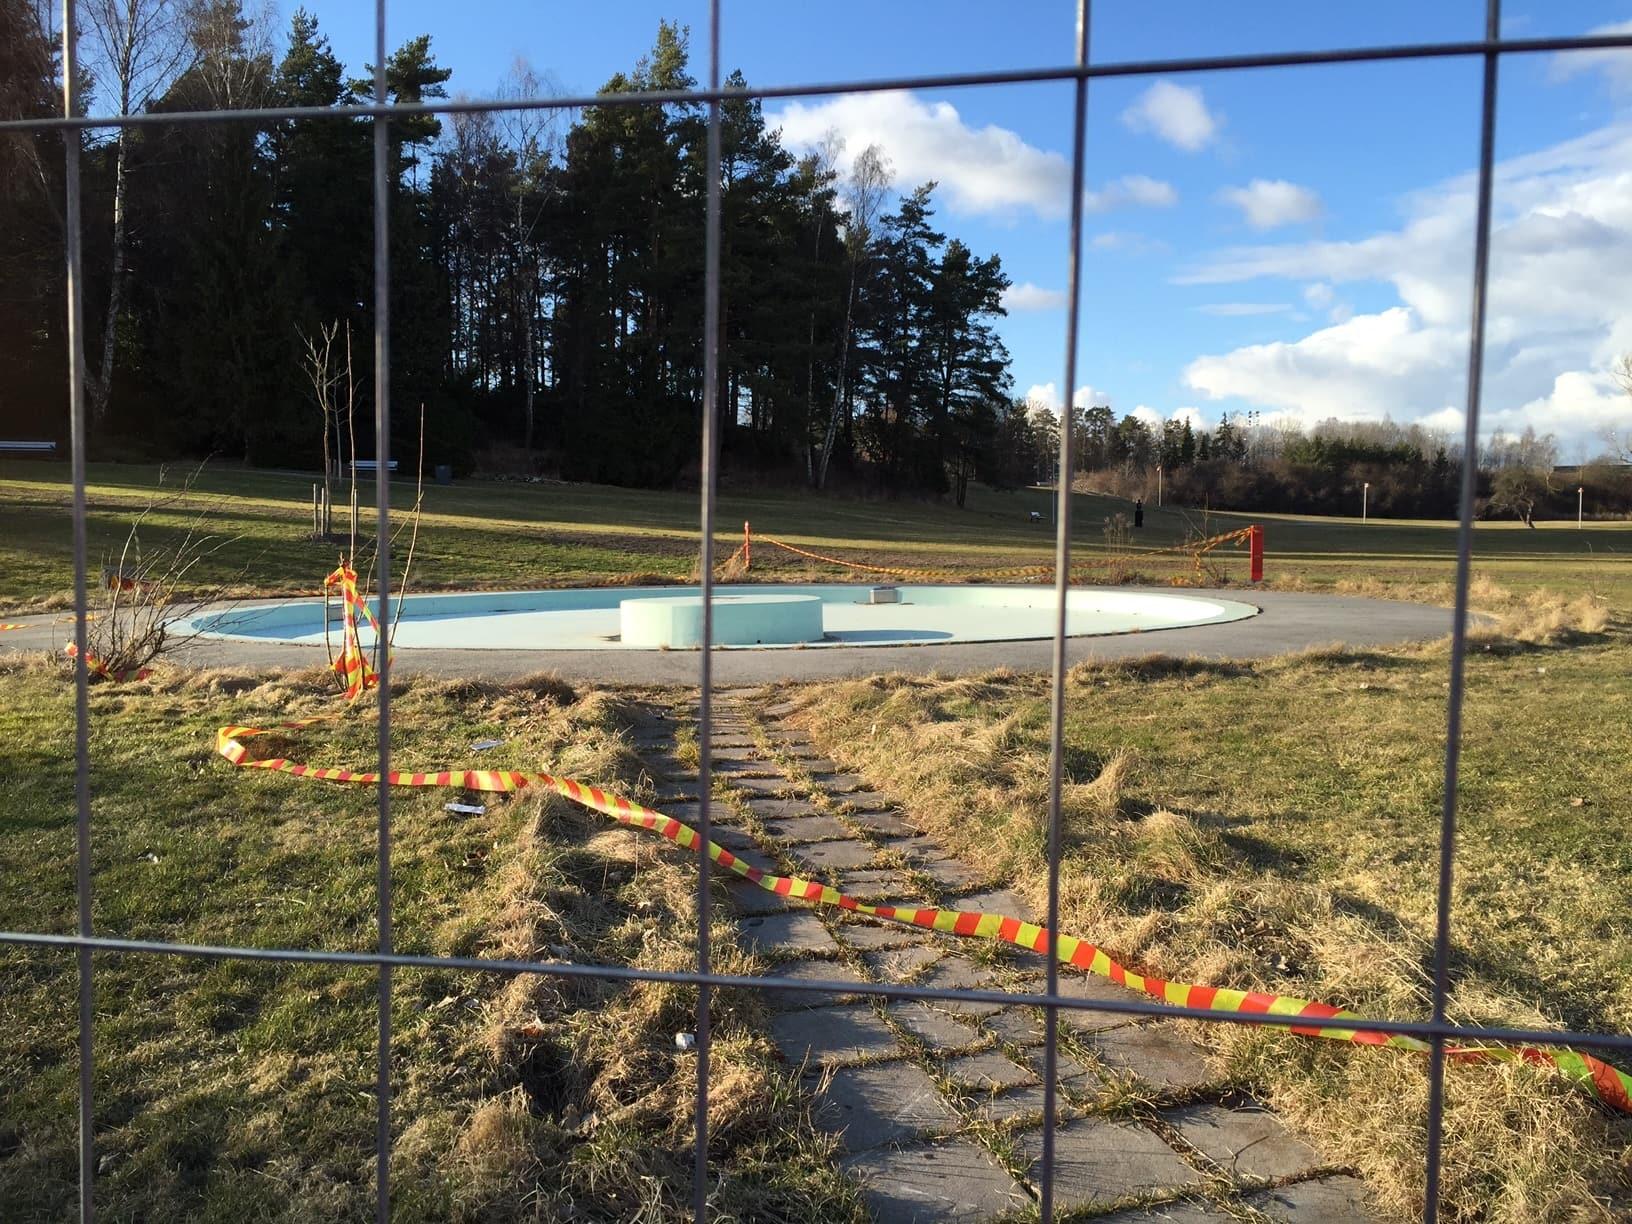 Blästring pool näsby park allblästring 02